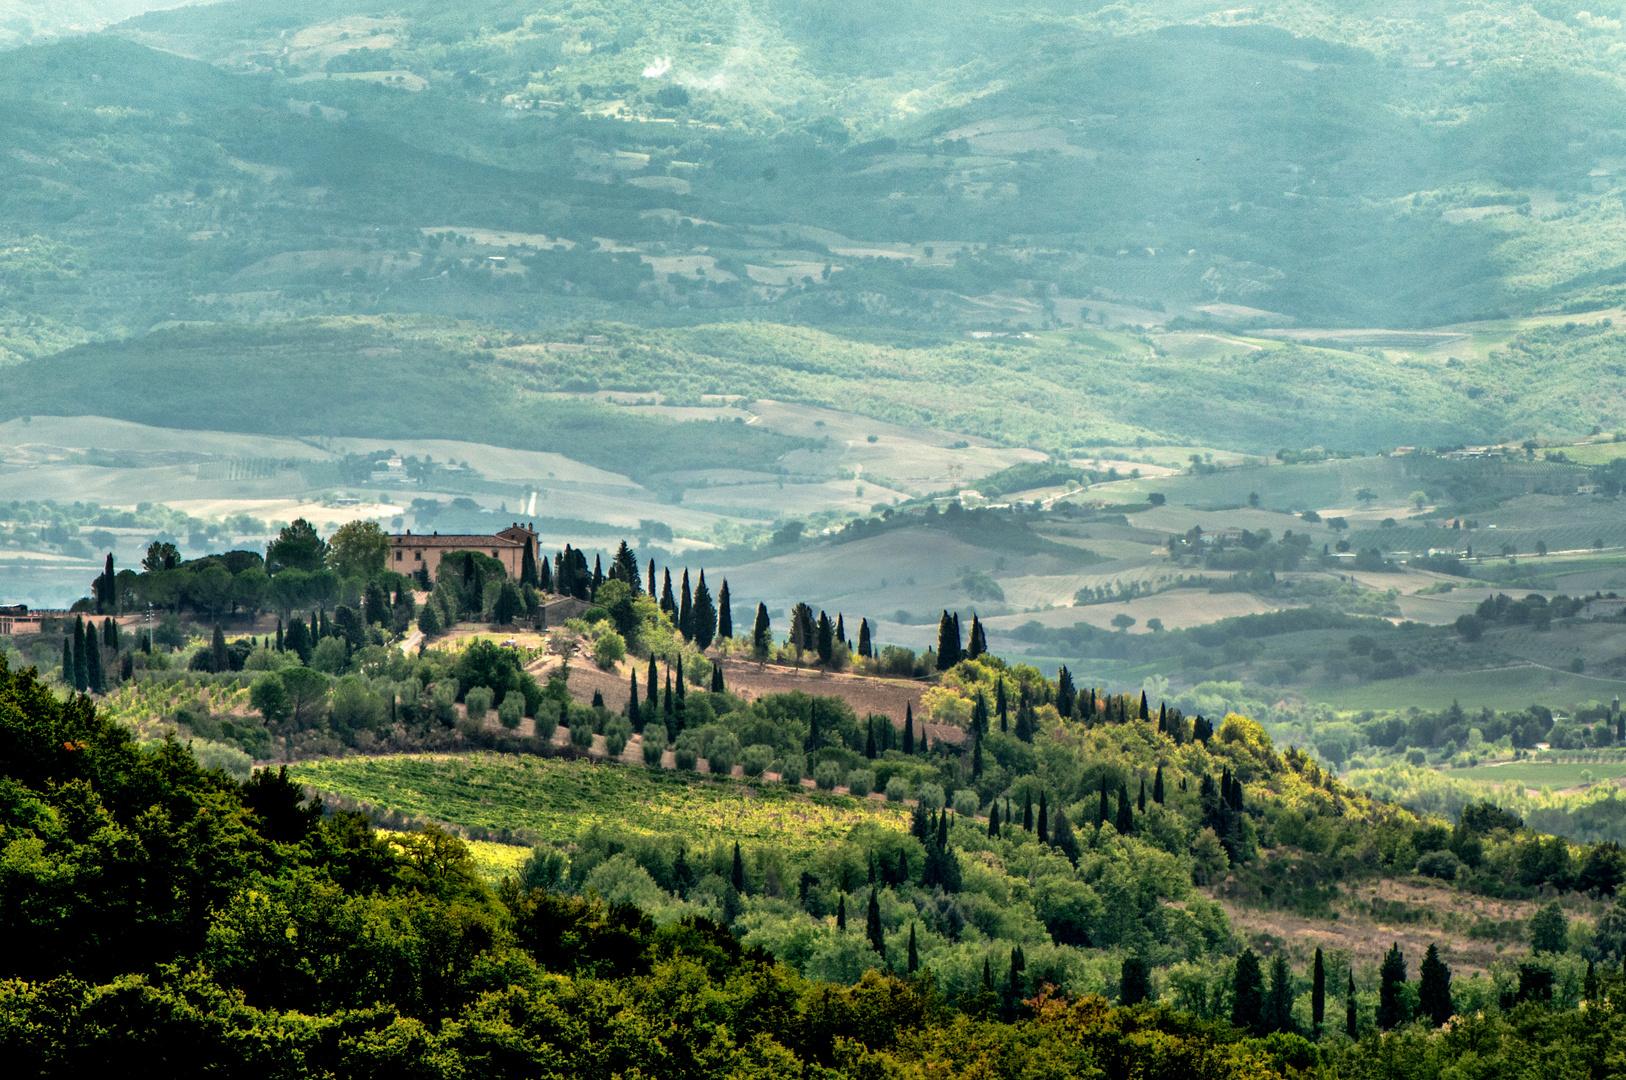 Ein Traum Haus In Der Toskana Foto Bild Europe Italy Vatican